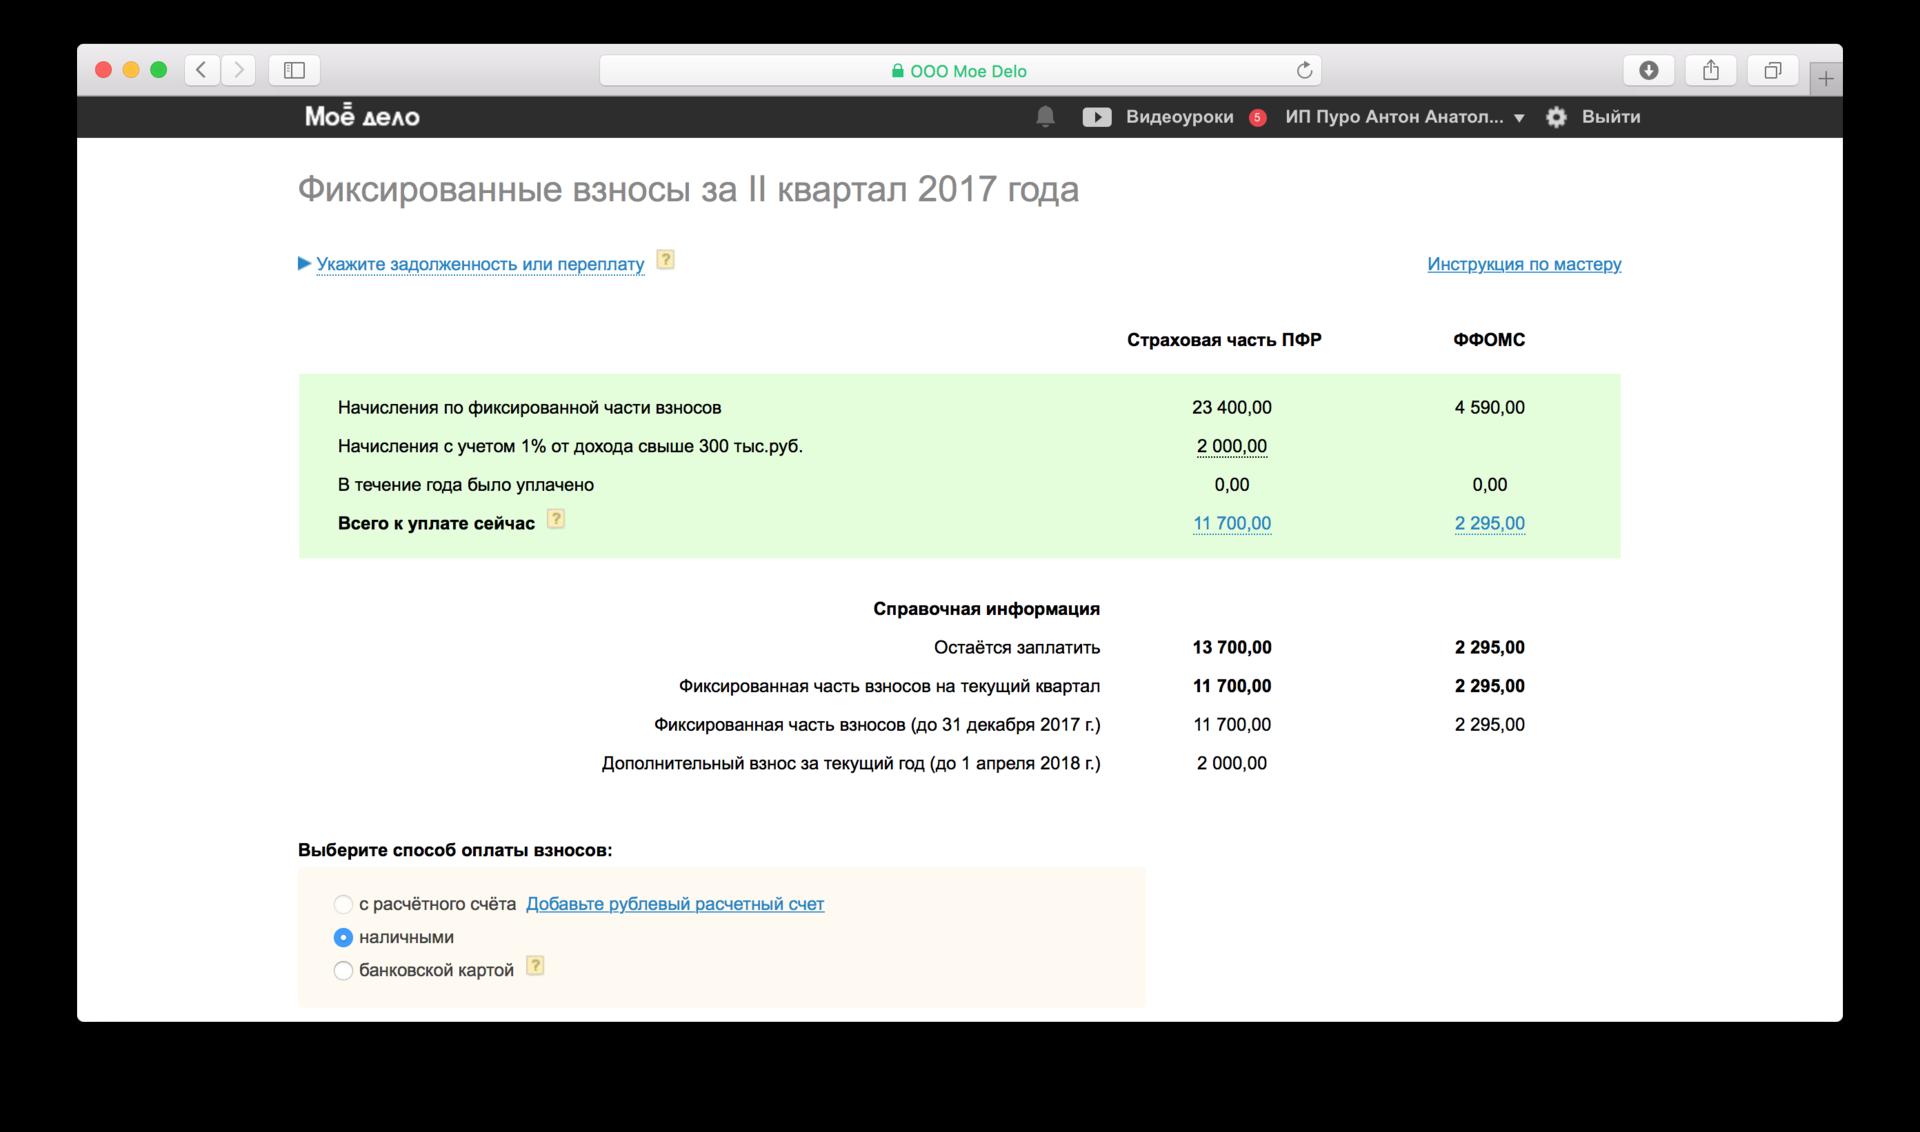 Как платить налоги и взносы ИП или зачем мы сделали бота-бухгалтера в Telegram - 2